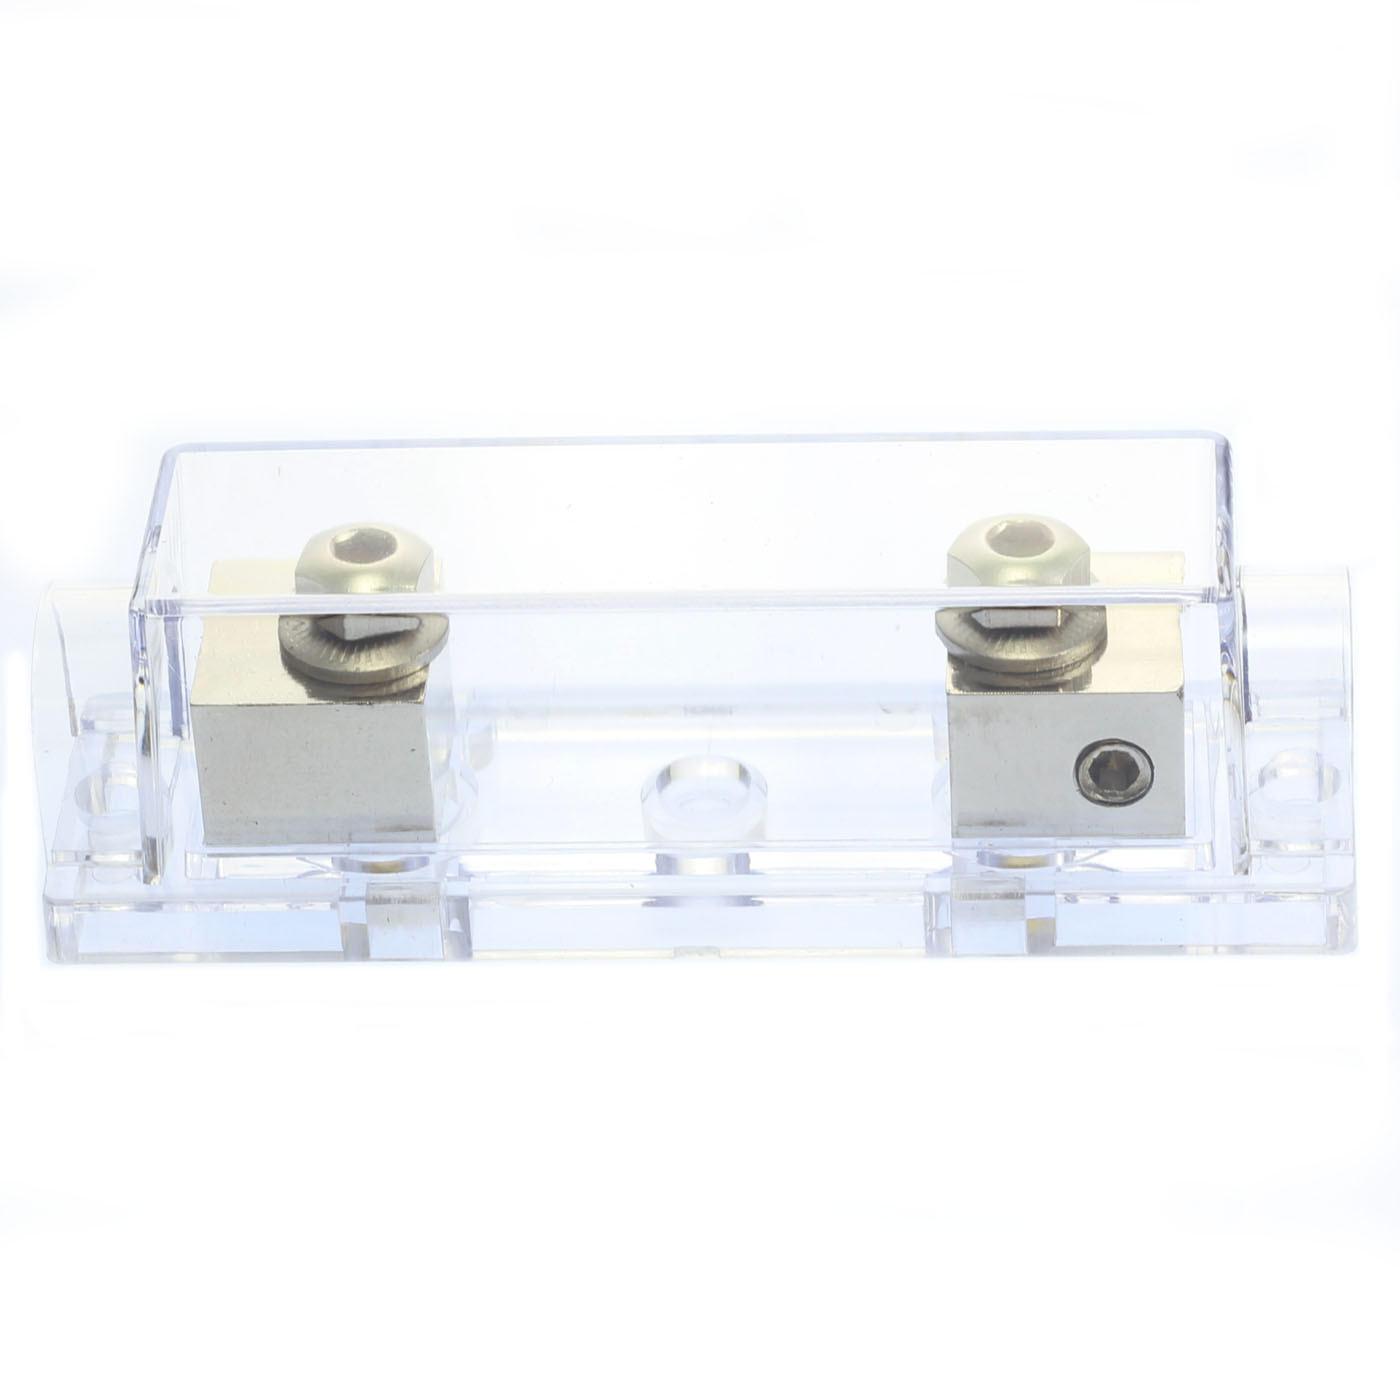 ANL Fuse Holder Voodoo Bright nickel fuseholder 4  AWG gauge inline 10